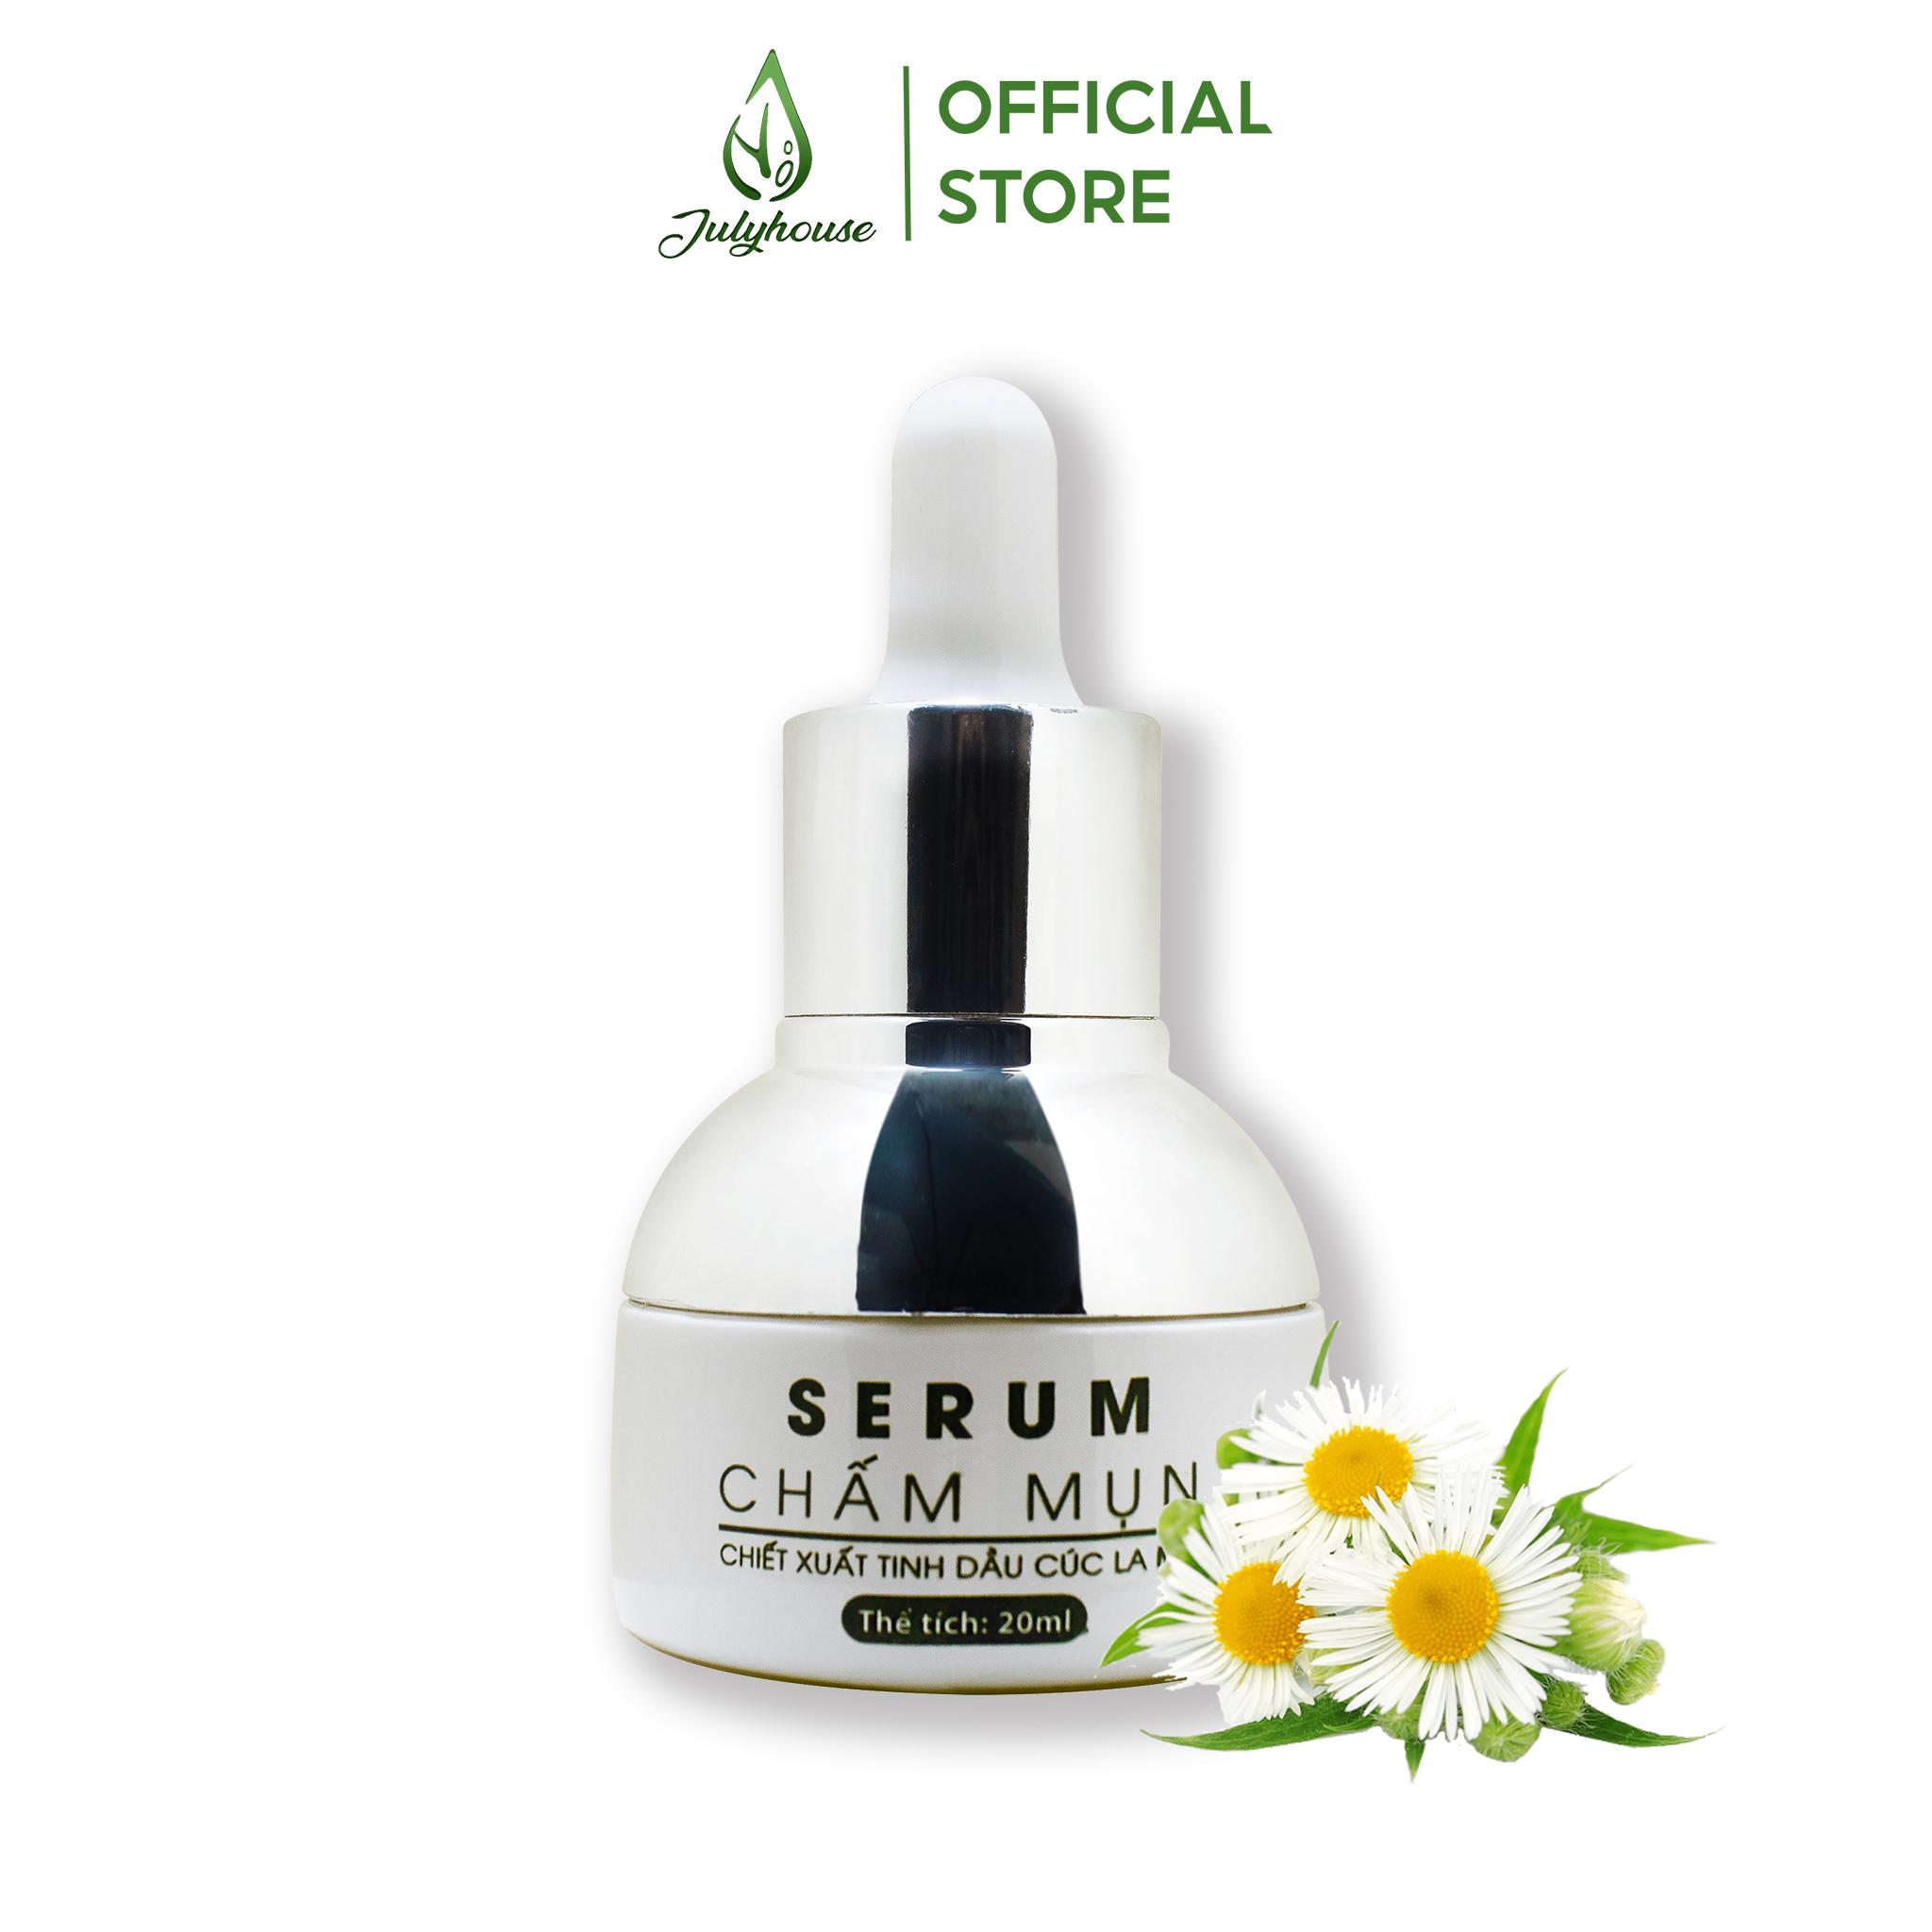 Serum chấm mụn tinh dầu Cúc La Mã hết mụn, giúp sáng da, se khít lỗ chân lông 20ml JULYHOUSE